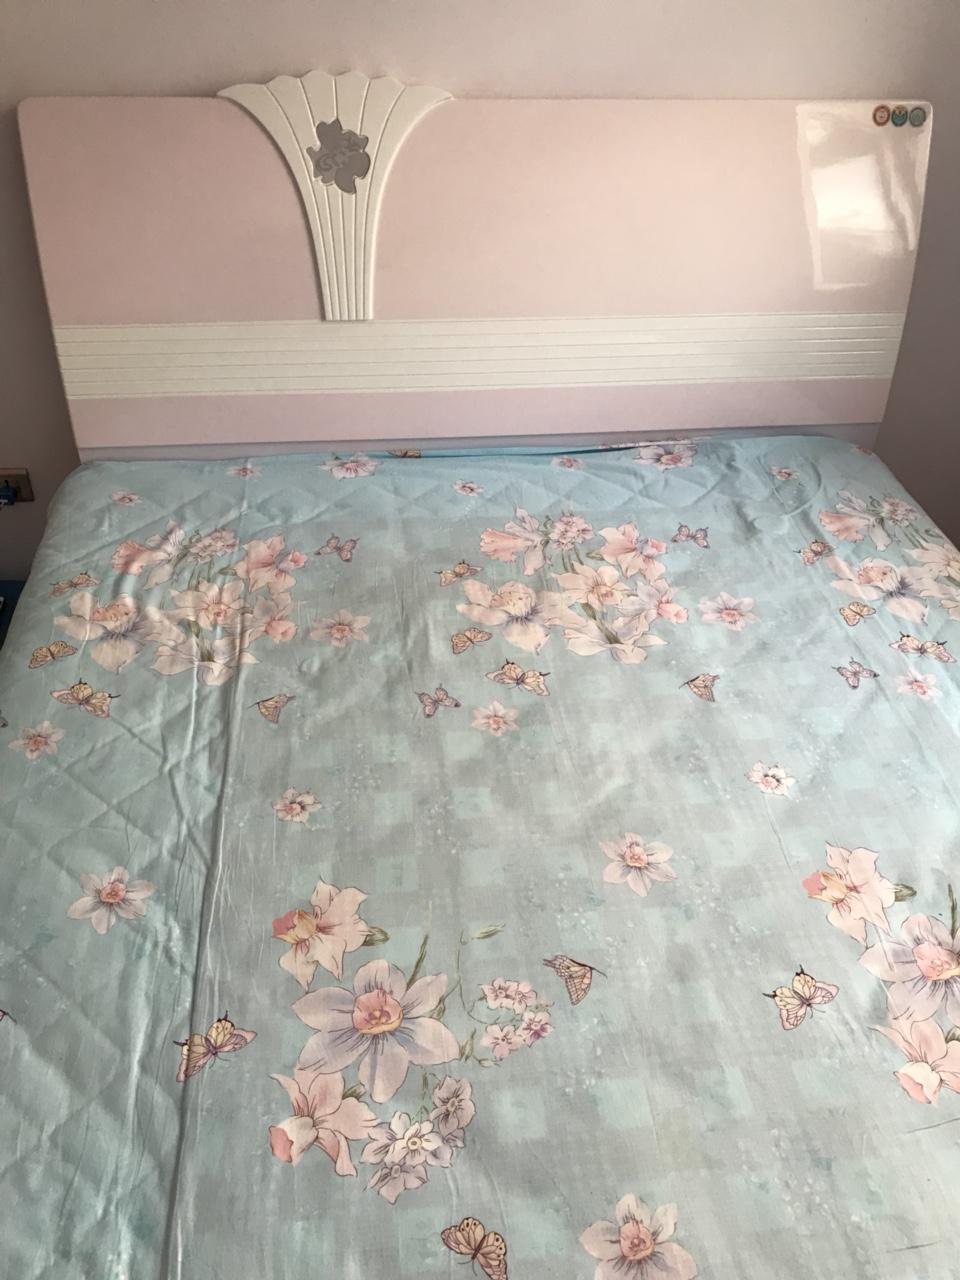 宽1.5米长2.0米实木床出卖,自己家用的,质量很好280